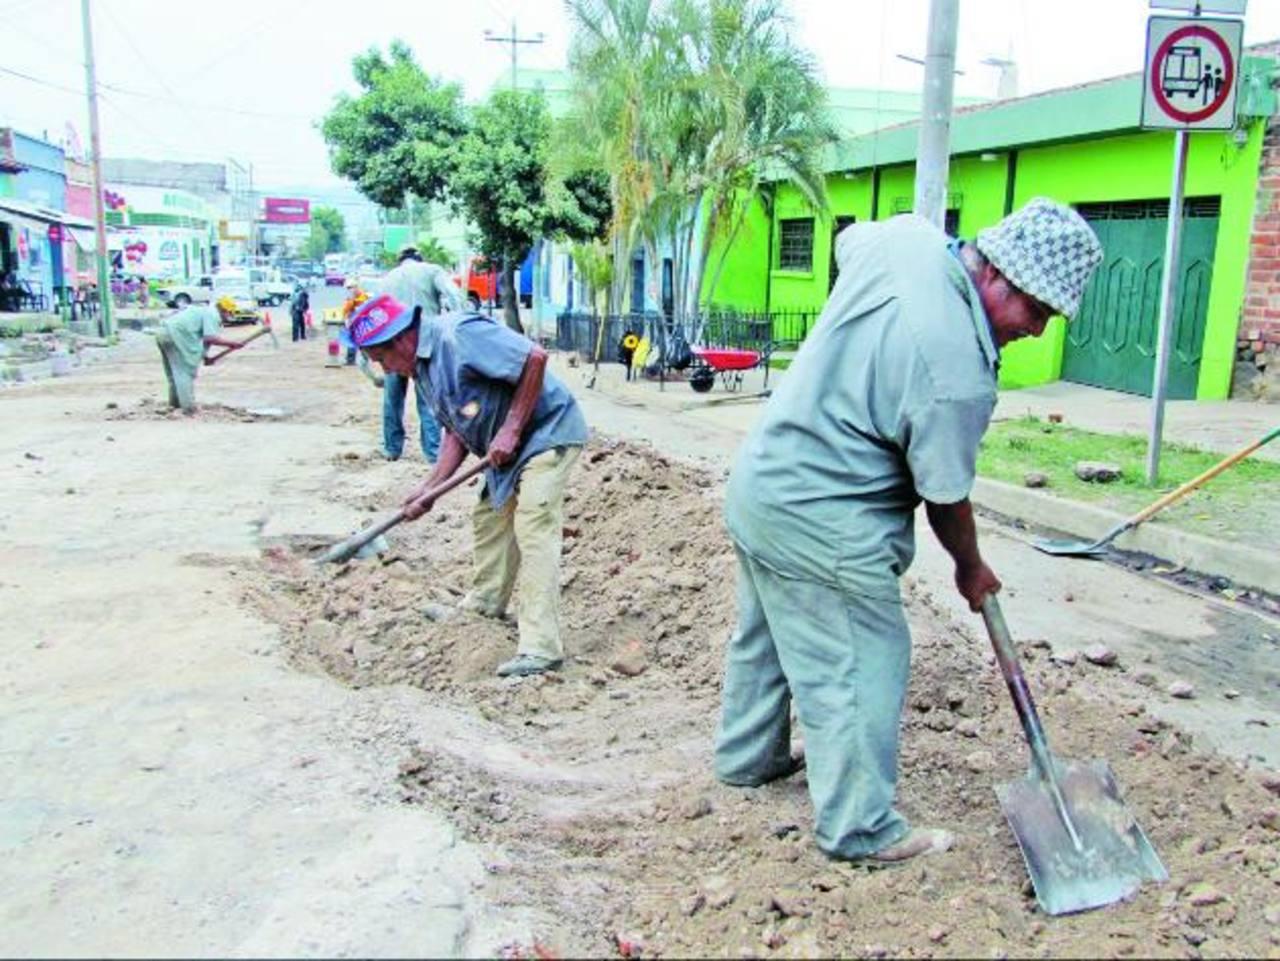 La comuna invertirá entre ocho y diez mil dólares en reparar la vía. Foto EDH / Mauricio Guevara